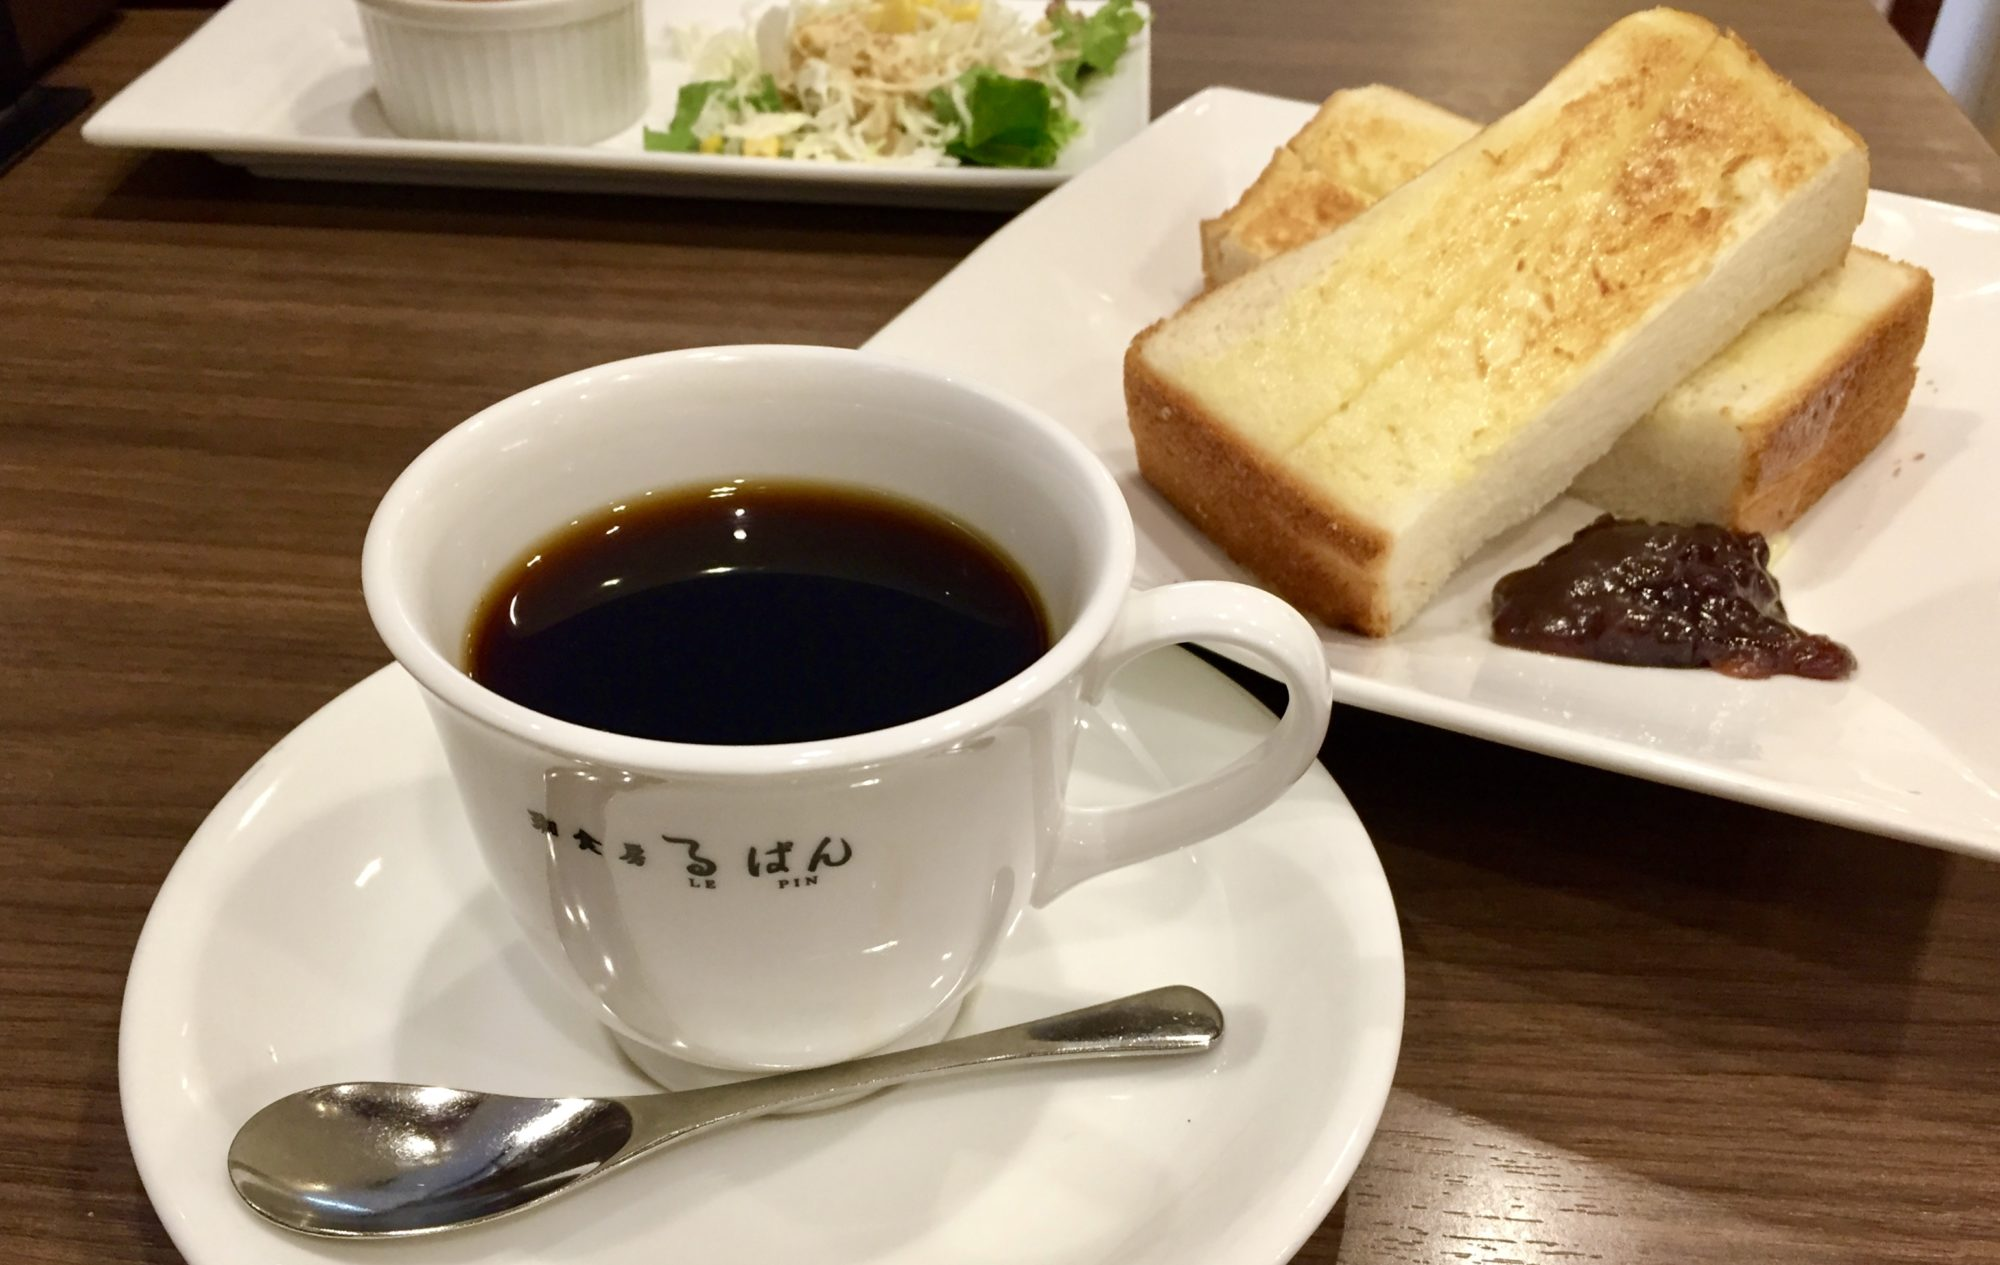 名古屋モーニング「珈食房 るぱん」@新瑞橋店